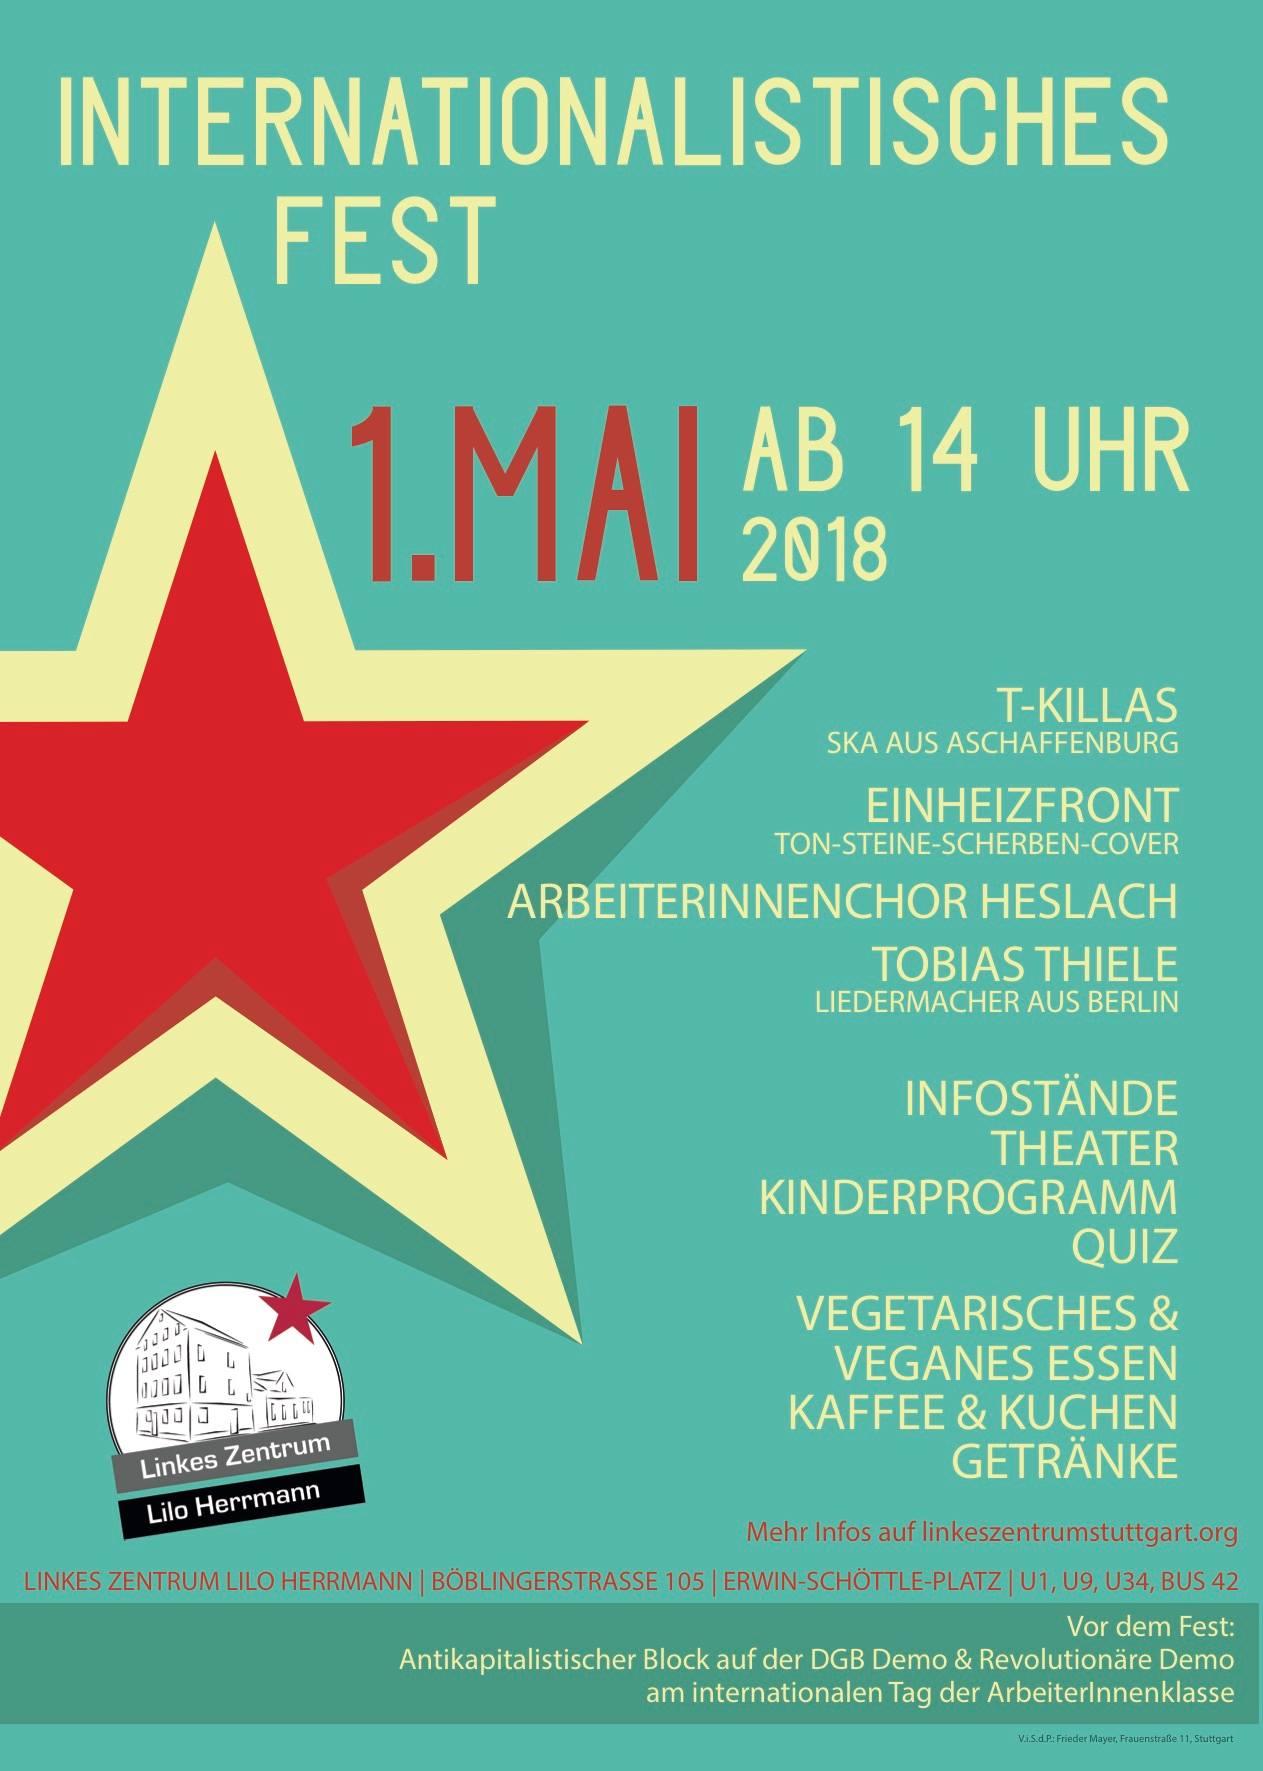 Internationalistisches 1. Mai Fest